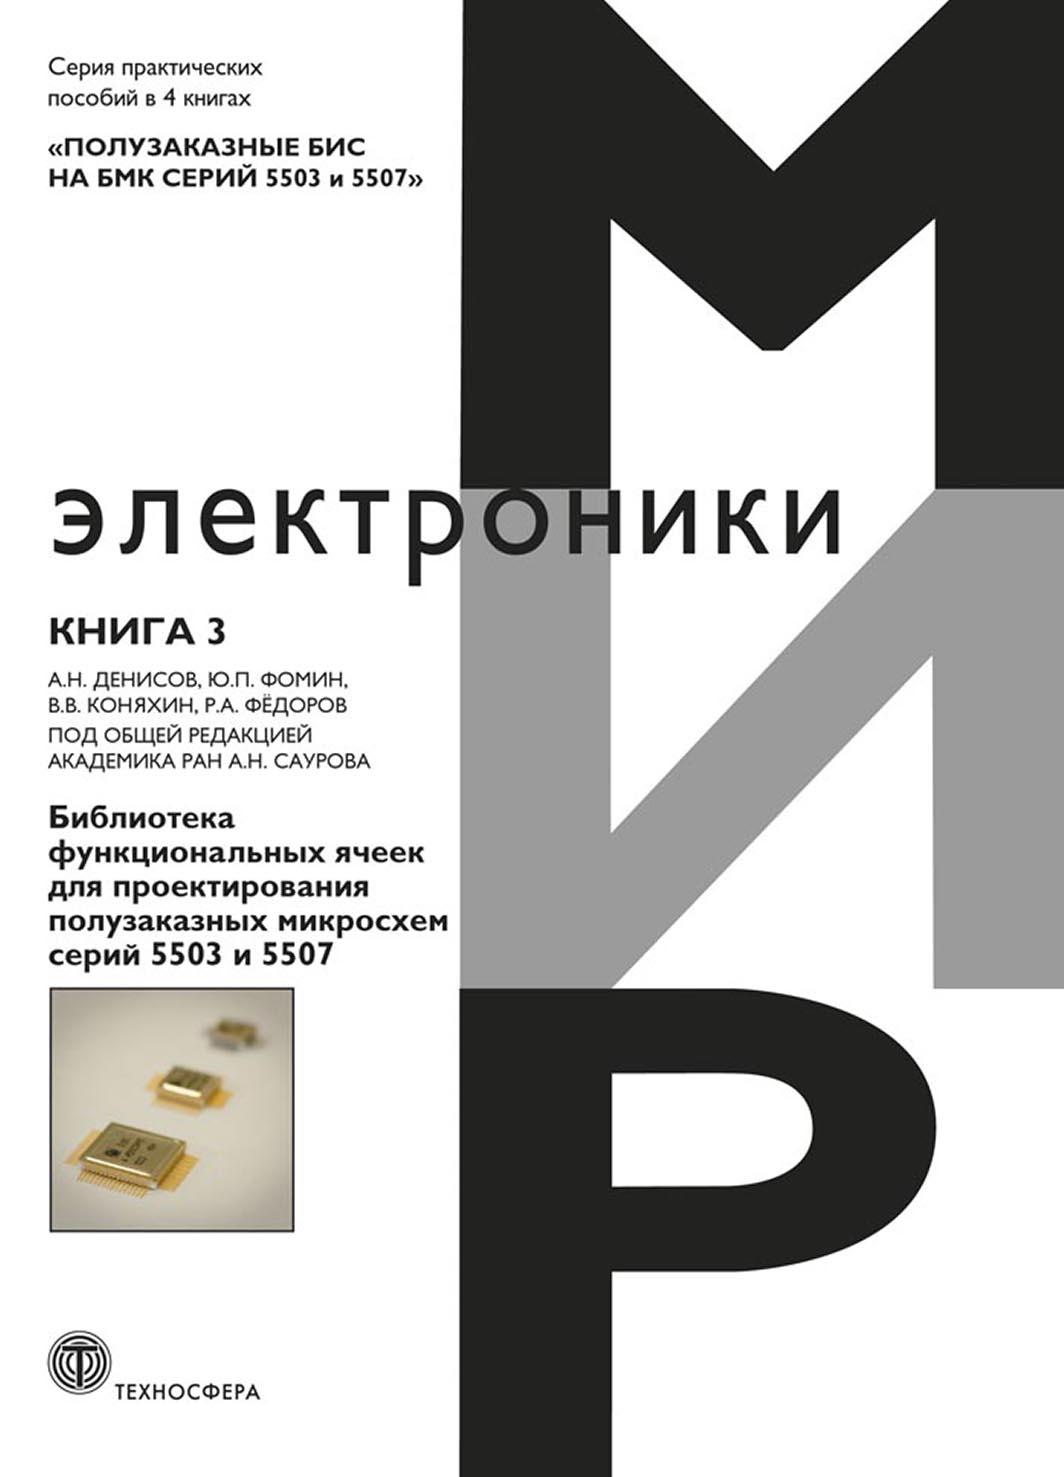 Полузаказные БИС на БМК серий 5503 и 5507. Книга 3. Библиотека функциональных ячеек для проектирования полузаказных микросхем серий 5503 и 5507